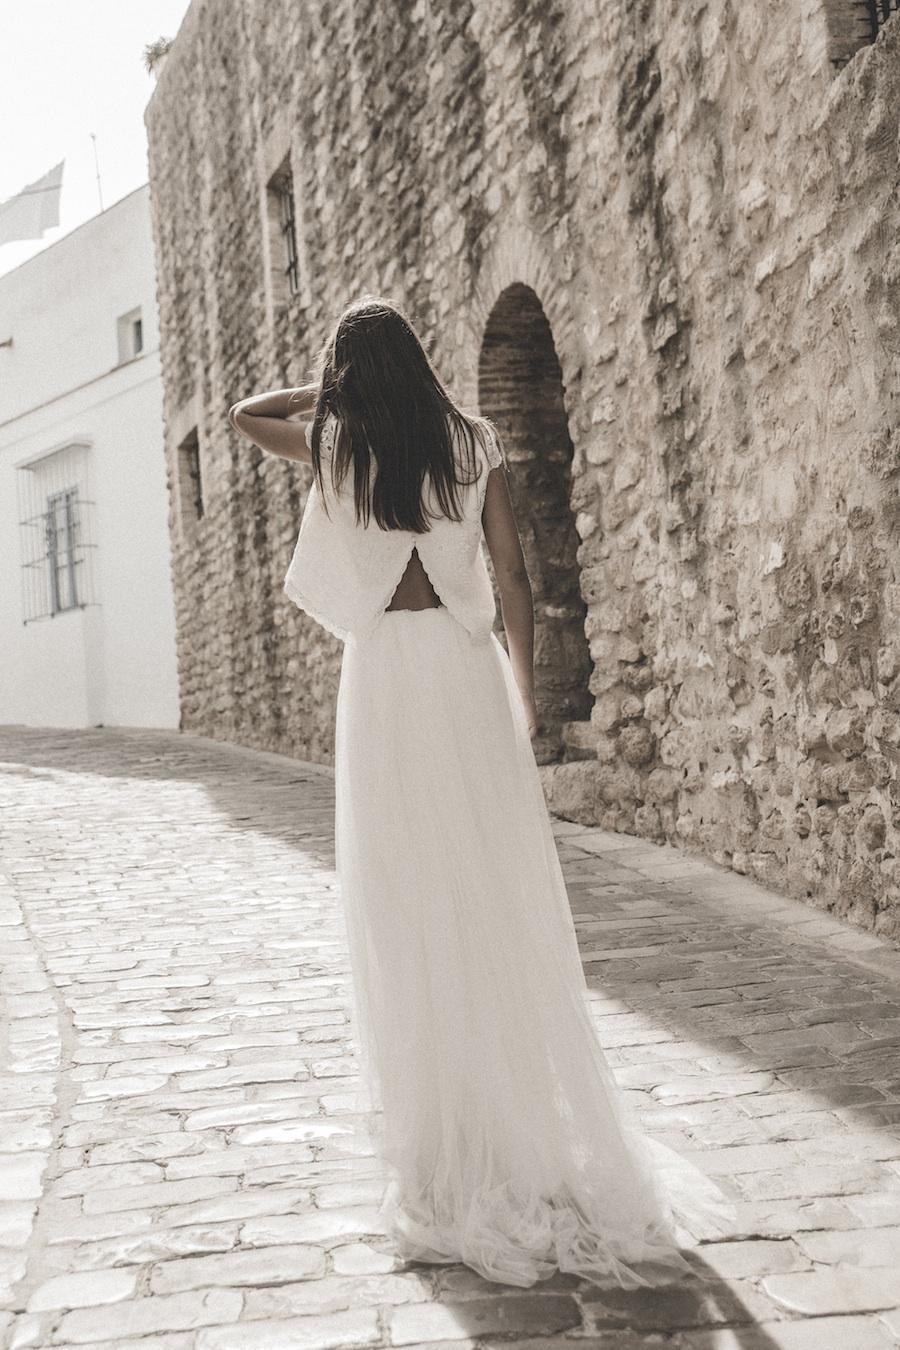 calista-one-lista-de-bodas-online-blog-de-bodas-inspiracion-novias-claudia-6